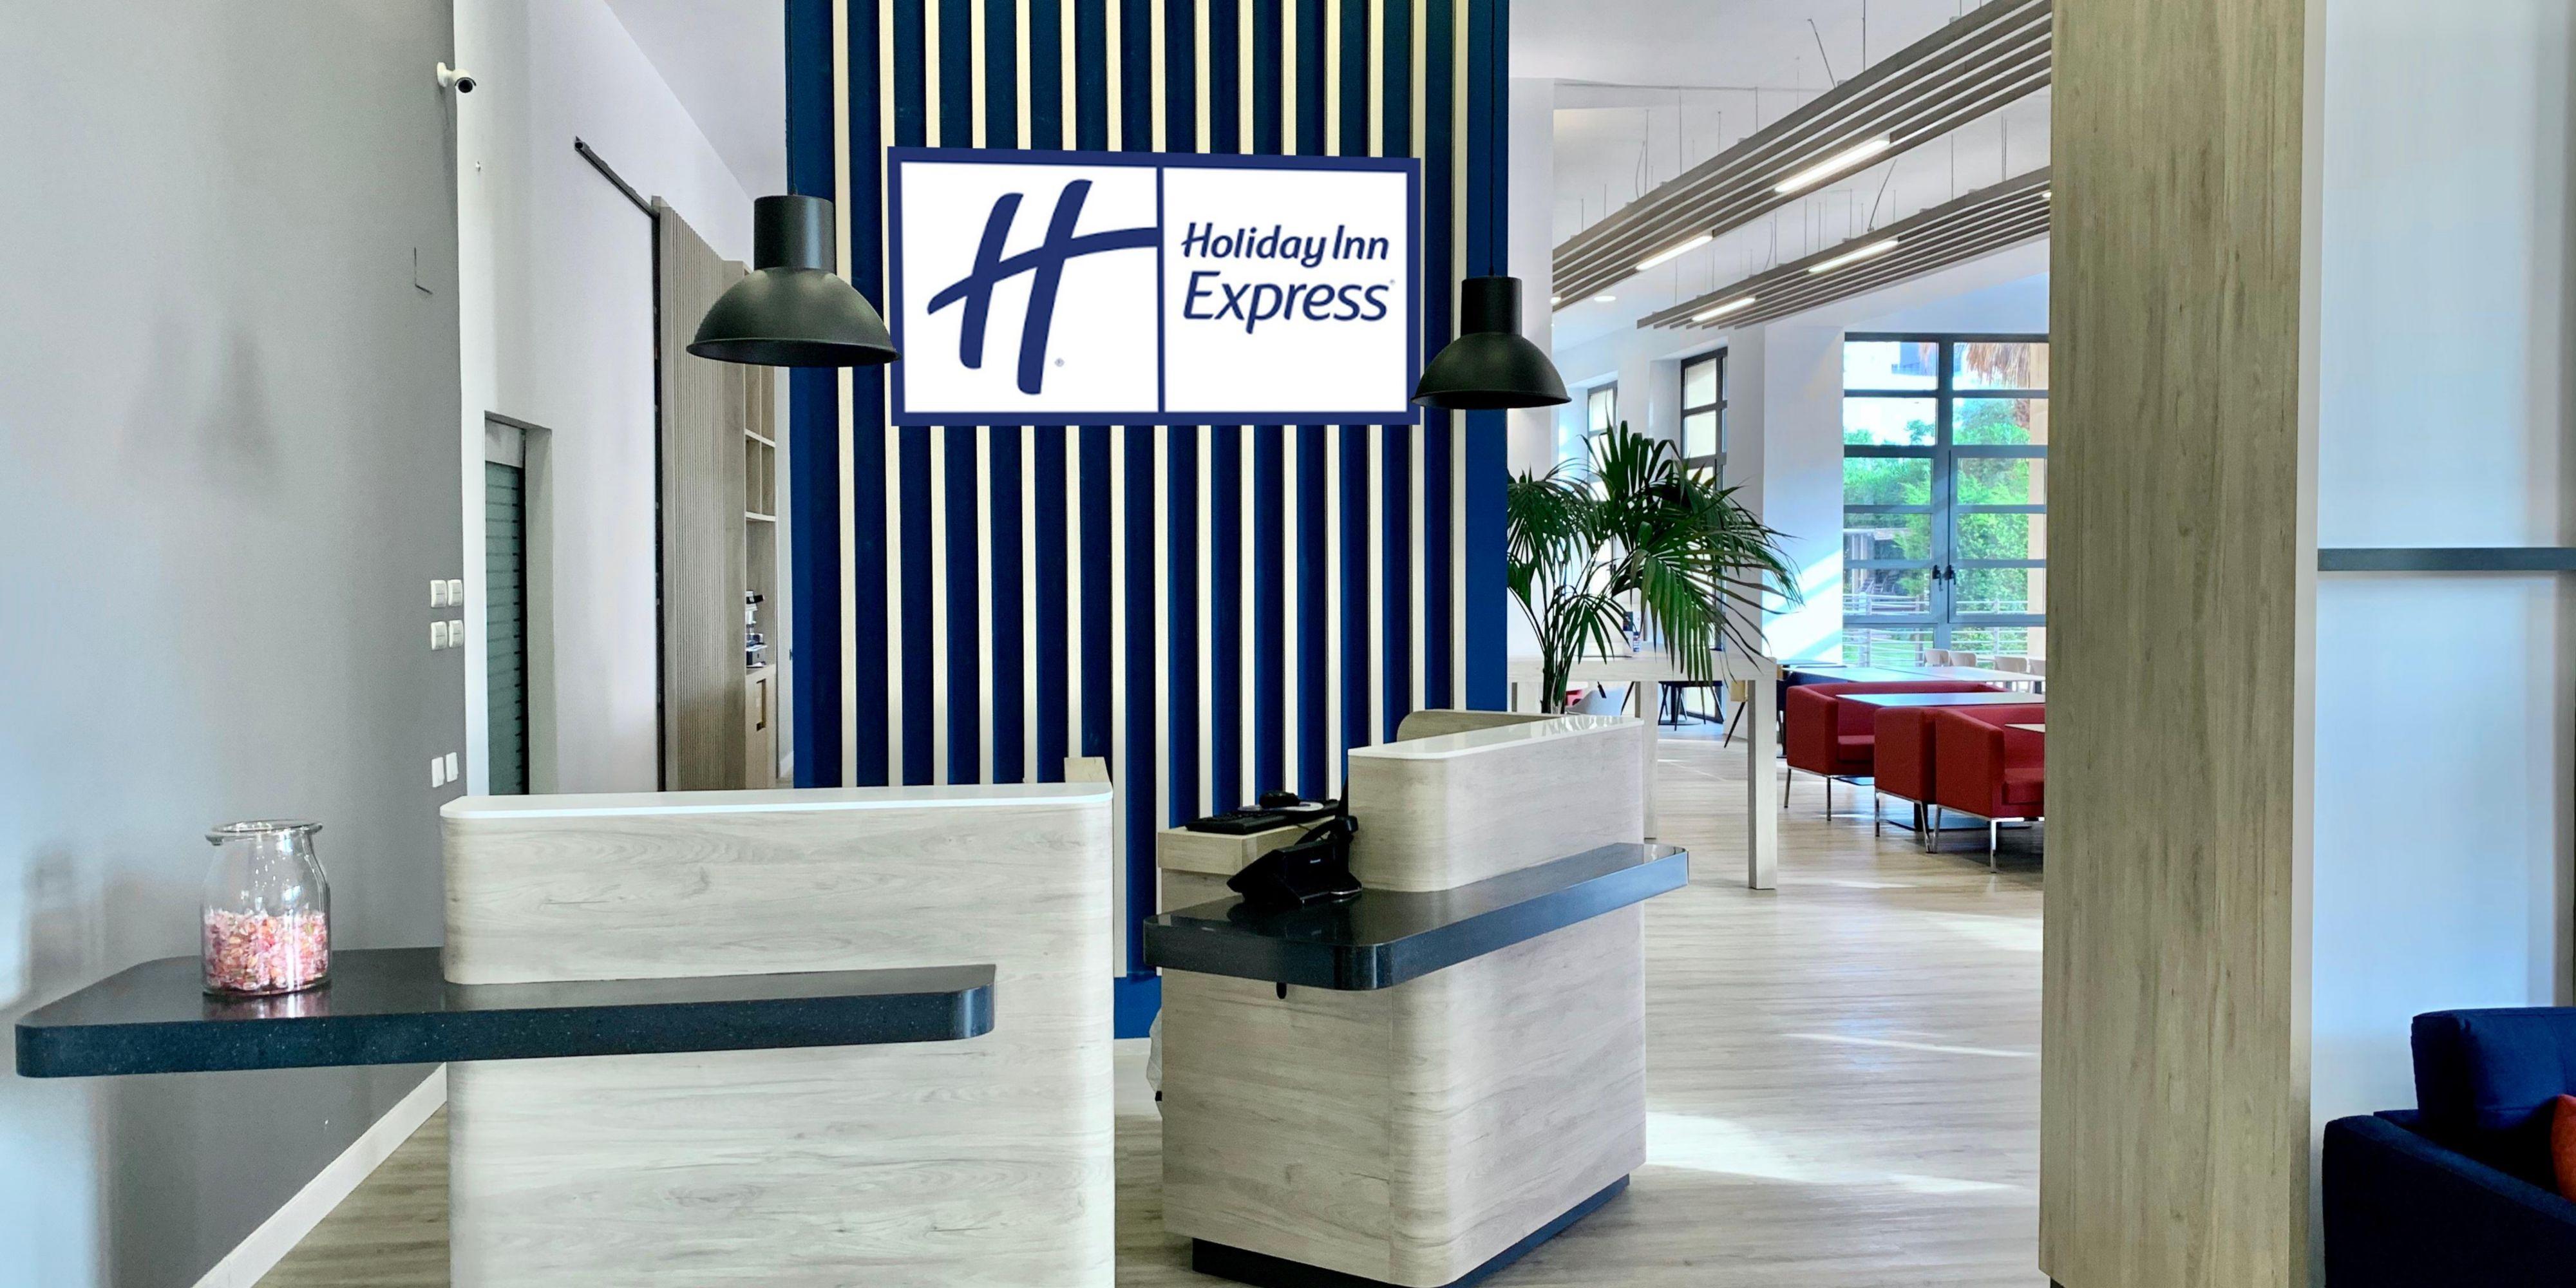 Holiday Inn Express Hotel Valencia Ciudad Las Ciencias